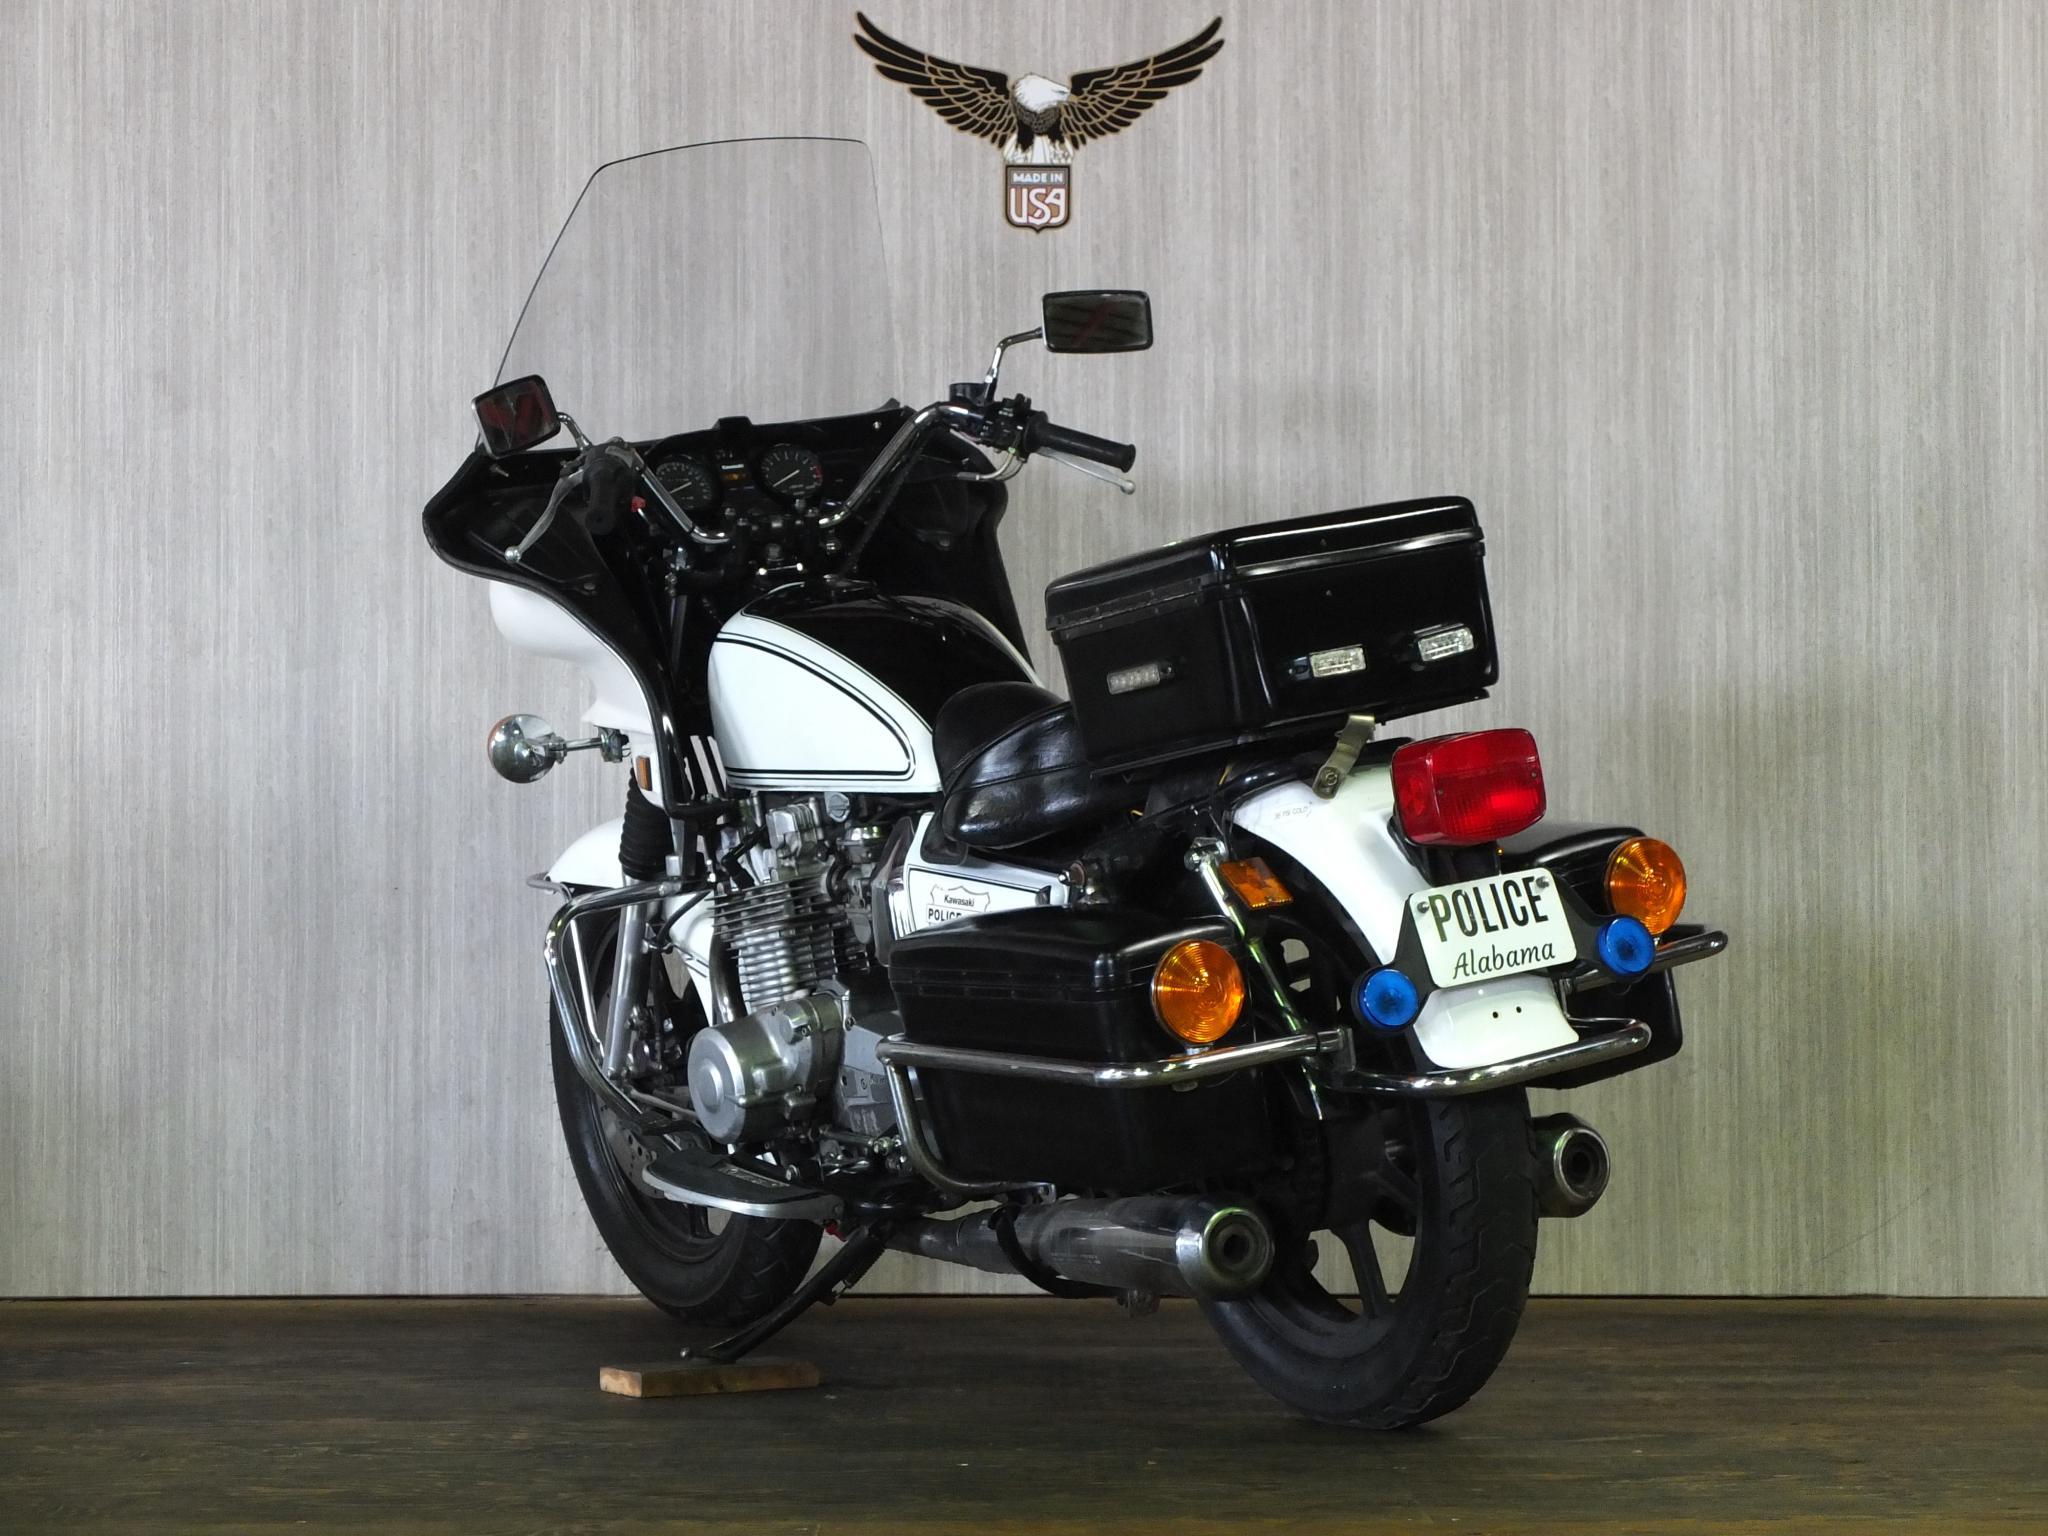 カワサキ 1998 Kawasaki KZ1000P 車体写真6